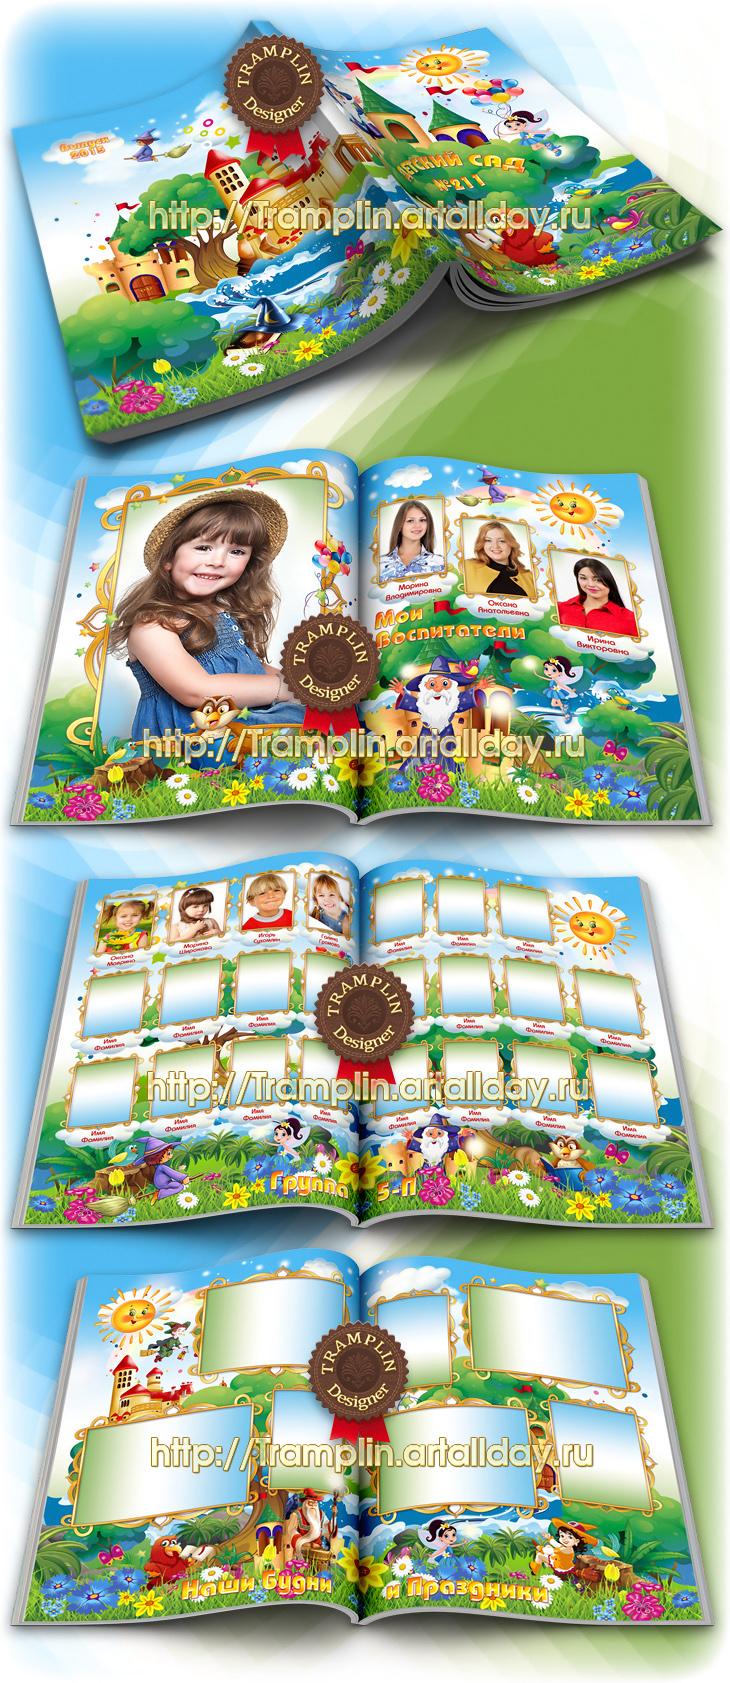 Фотопланшет для детского сада Наше Волшебное царство